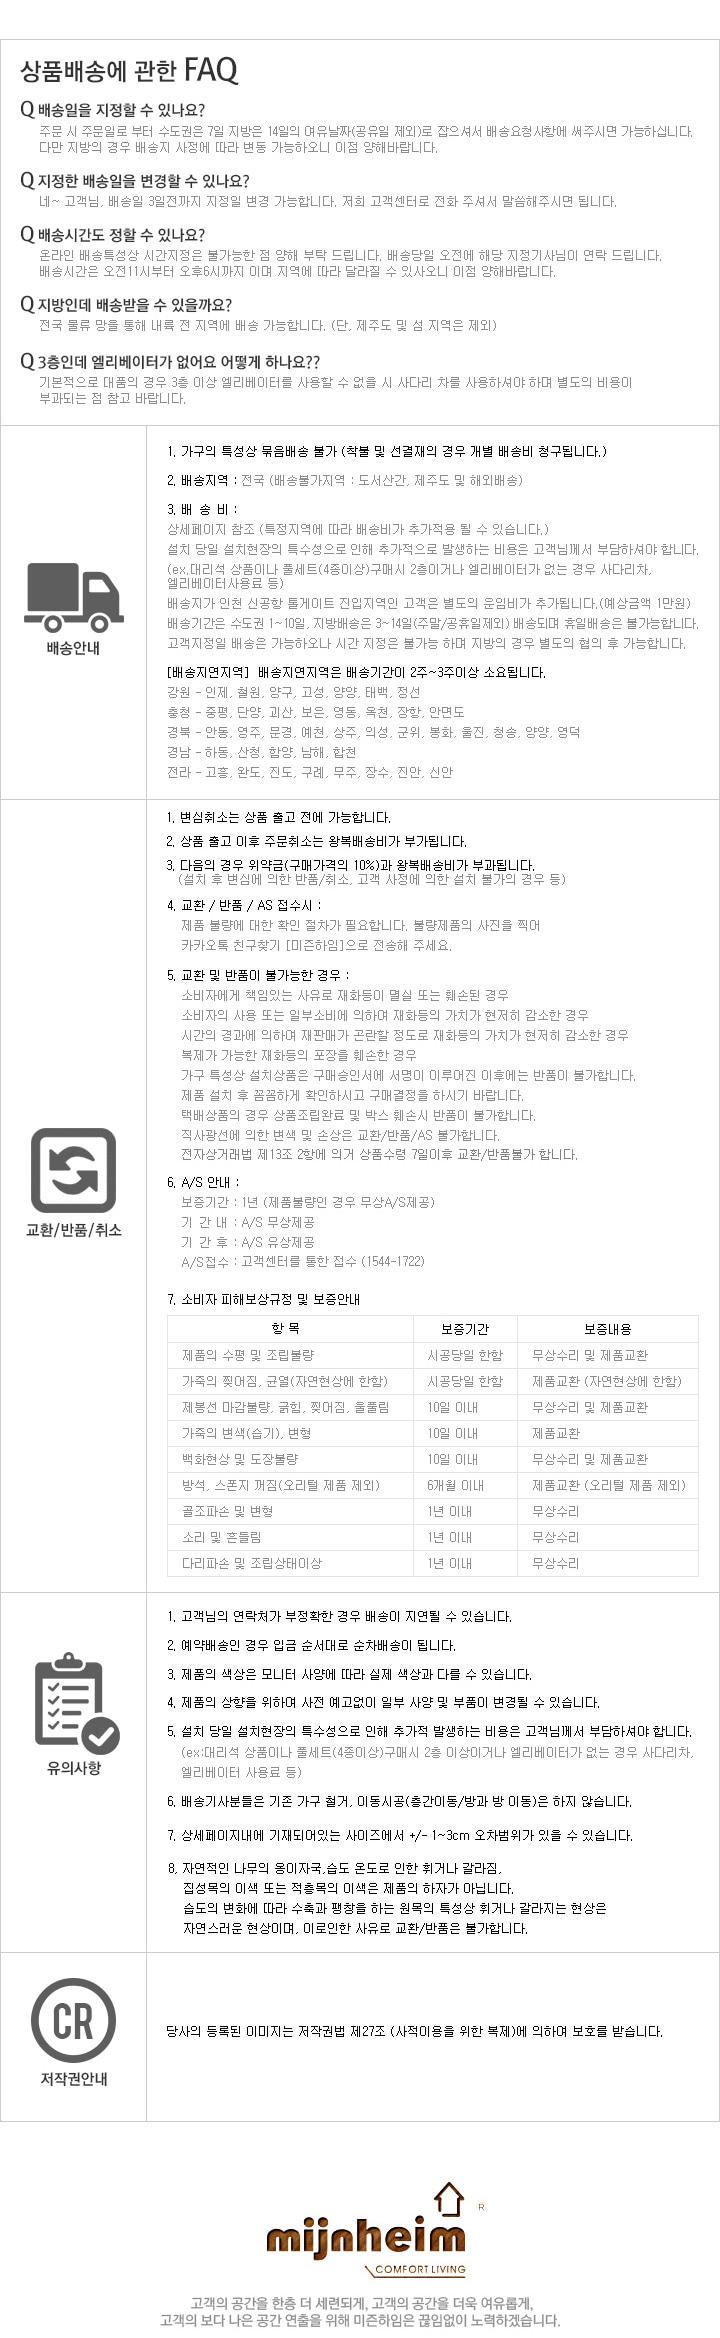 멀바우 원목 홈바테이블세트 1400사이즈 - 미즌하임, 284,000원, 식탁/의자, 홈바/아일랜드 식탁